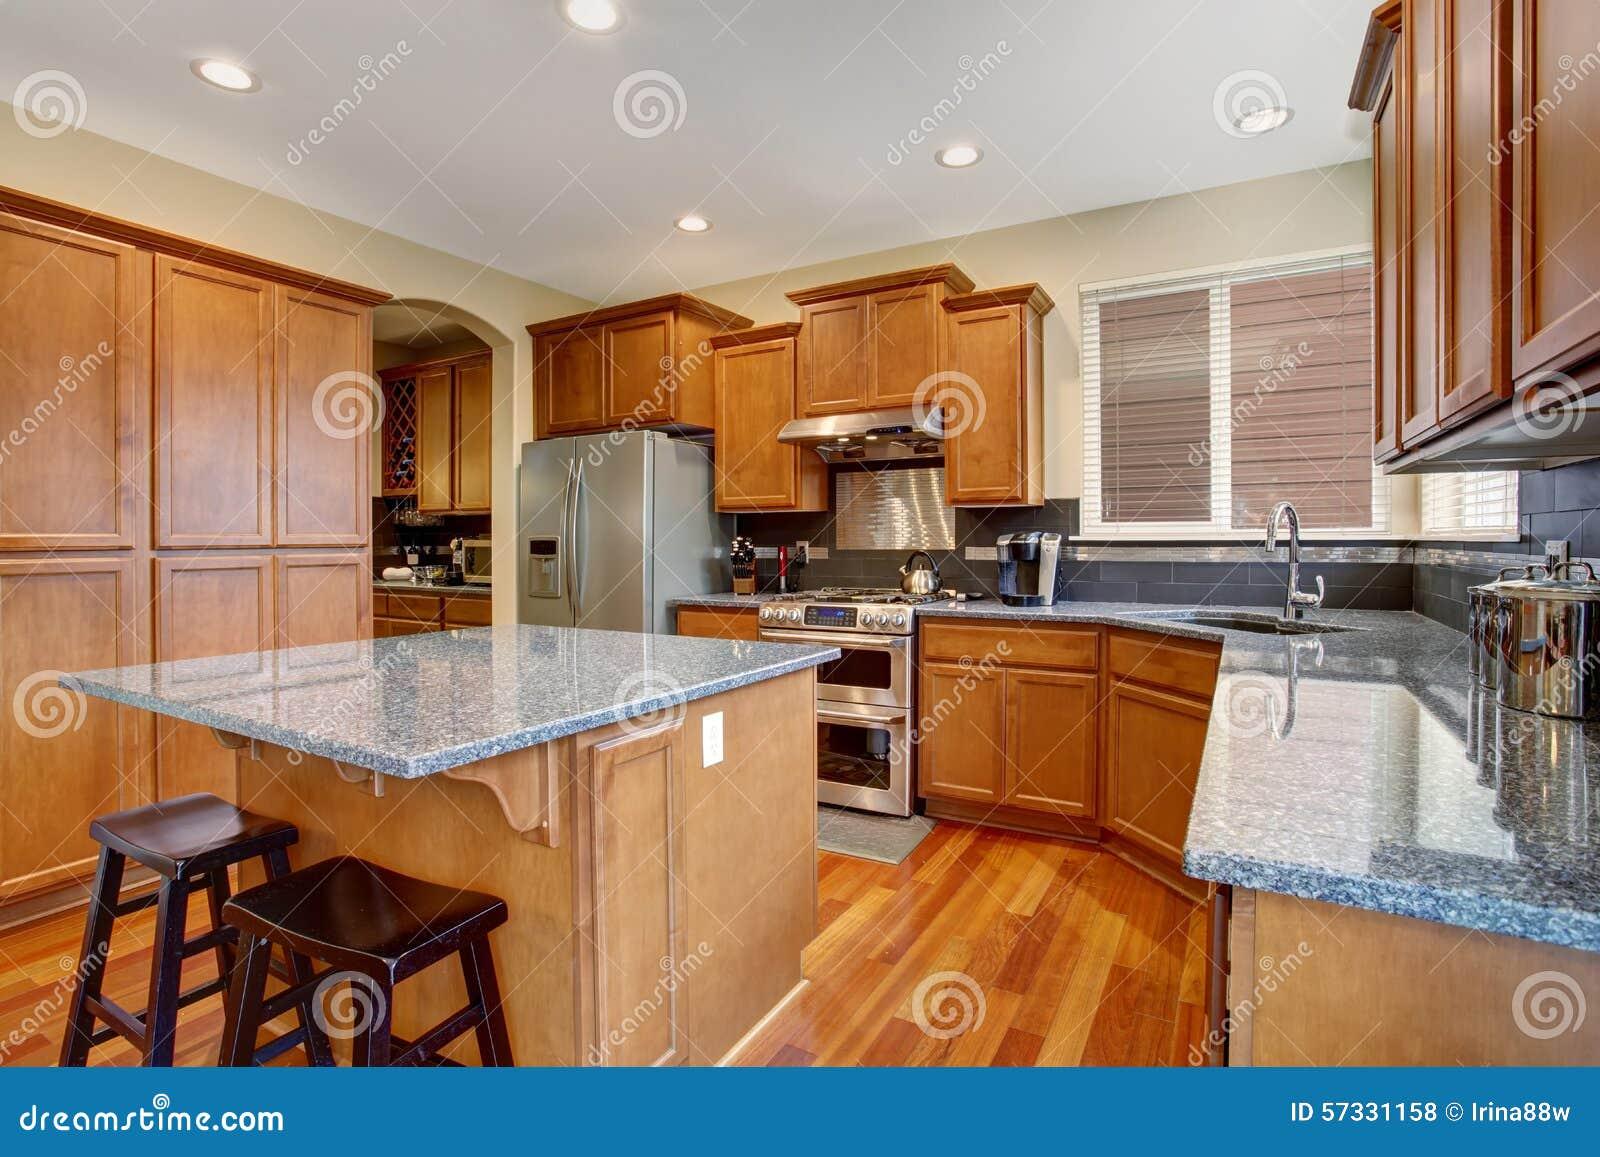 Cozinha Cl Ssica Com Ilha E O Refrigerador De A O Inoxid Vel Foto De